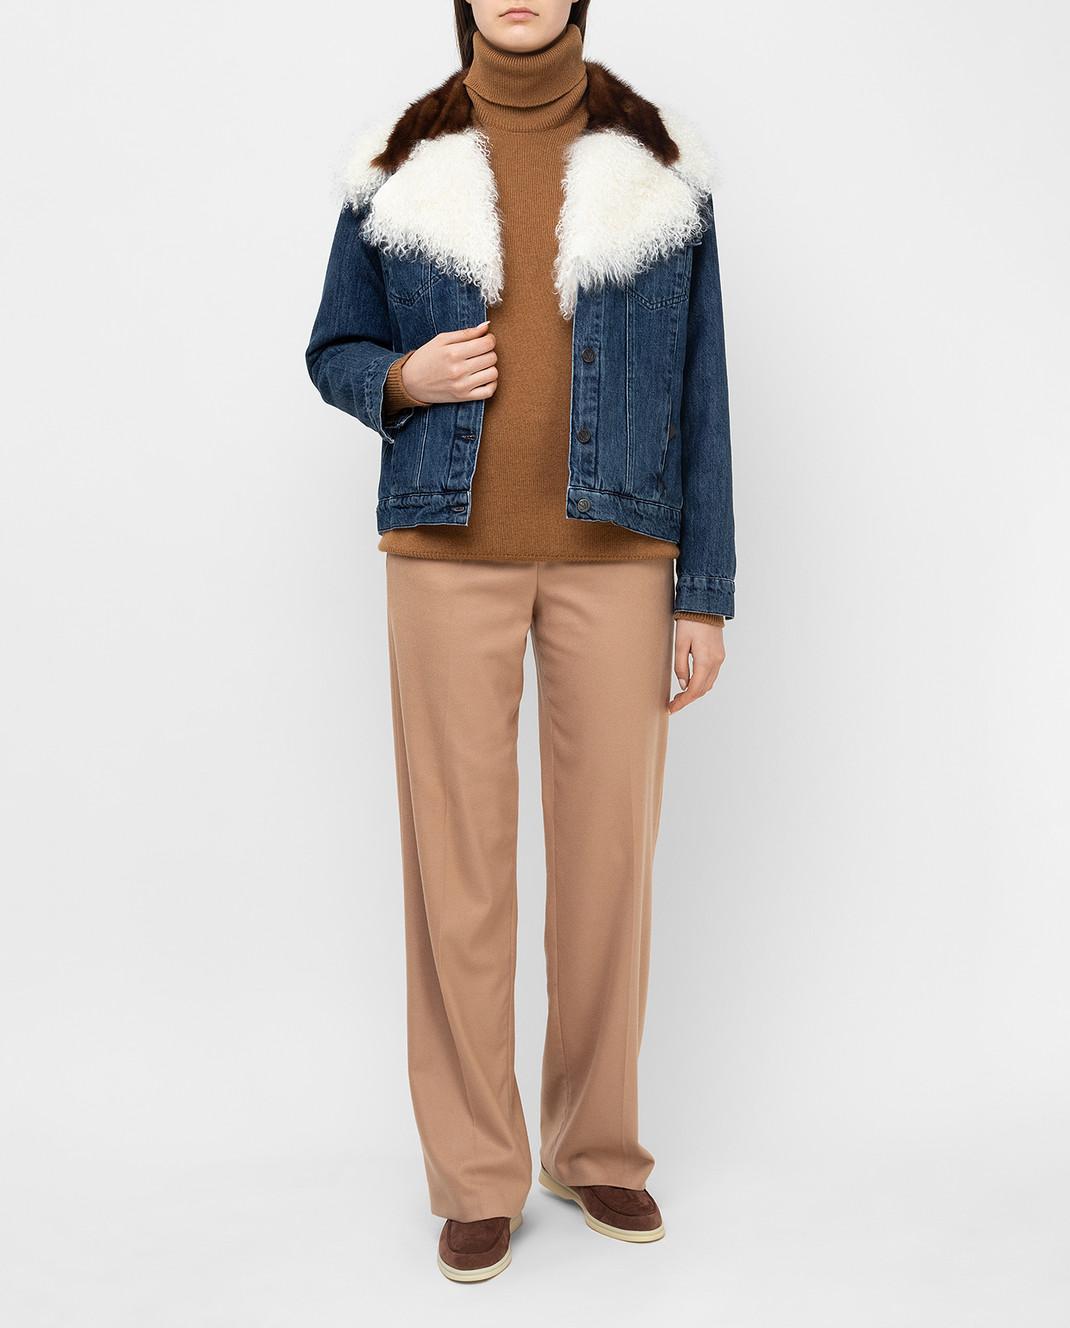 Simonetta Ravizza Синяя джинсовая куртка с мехом норки JALE3 изображение 2